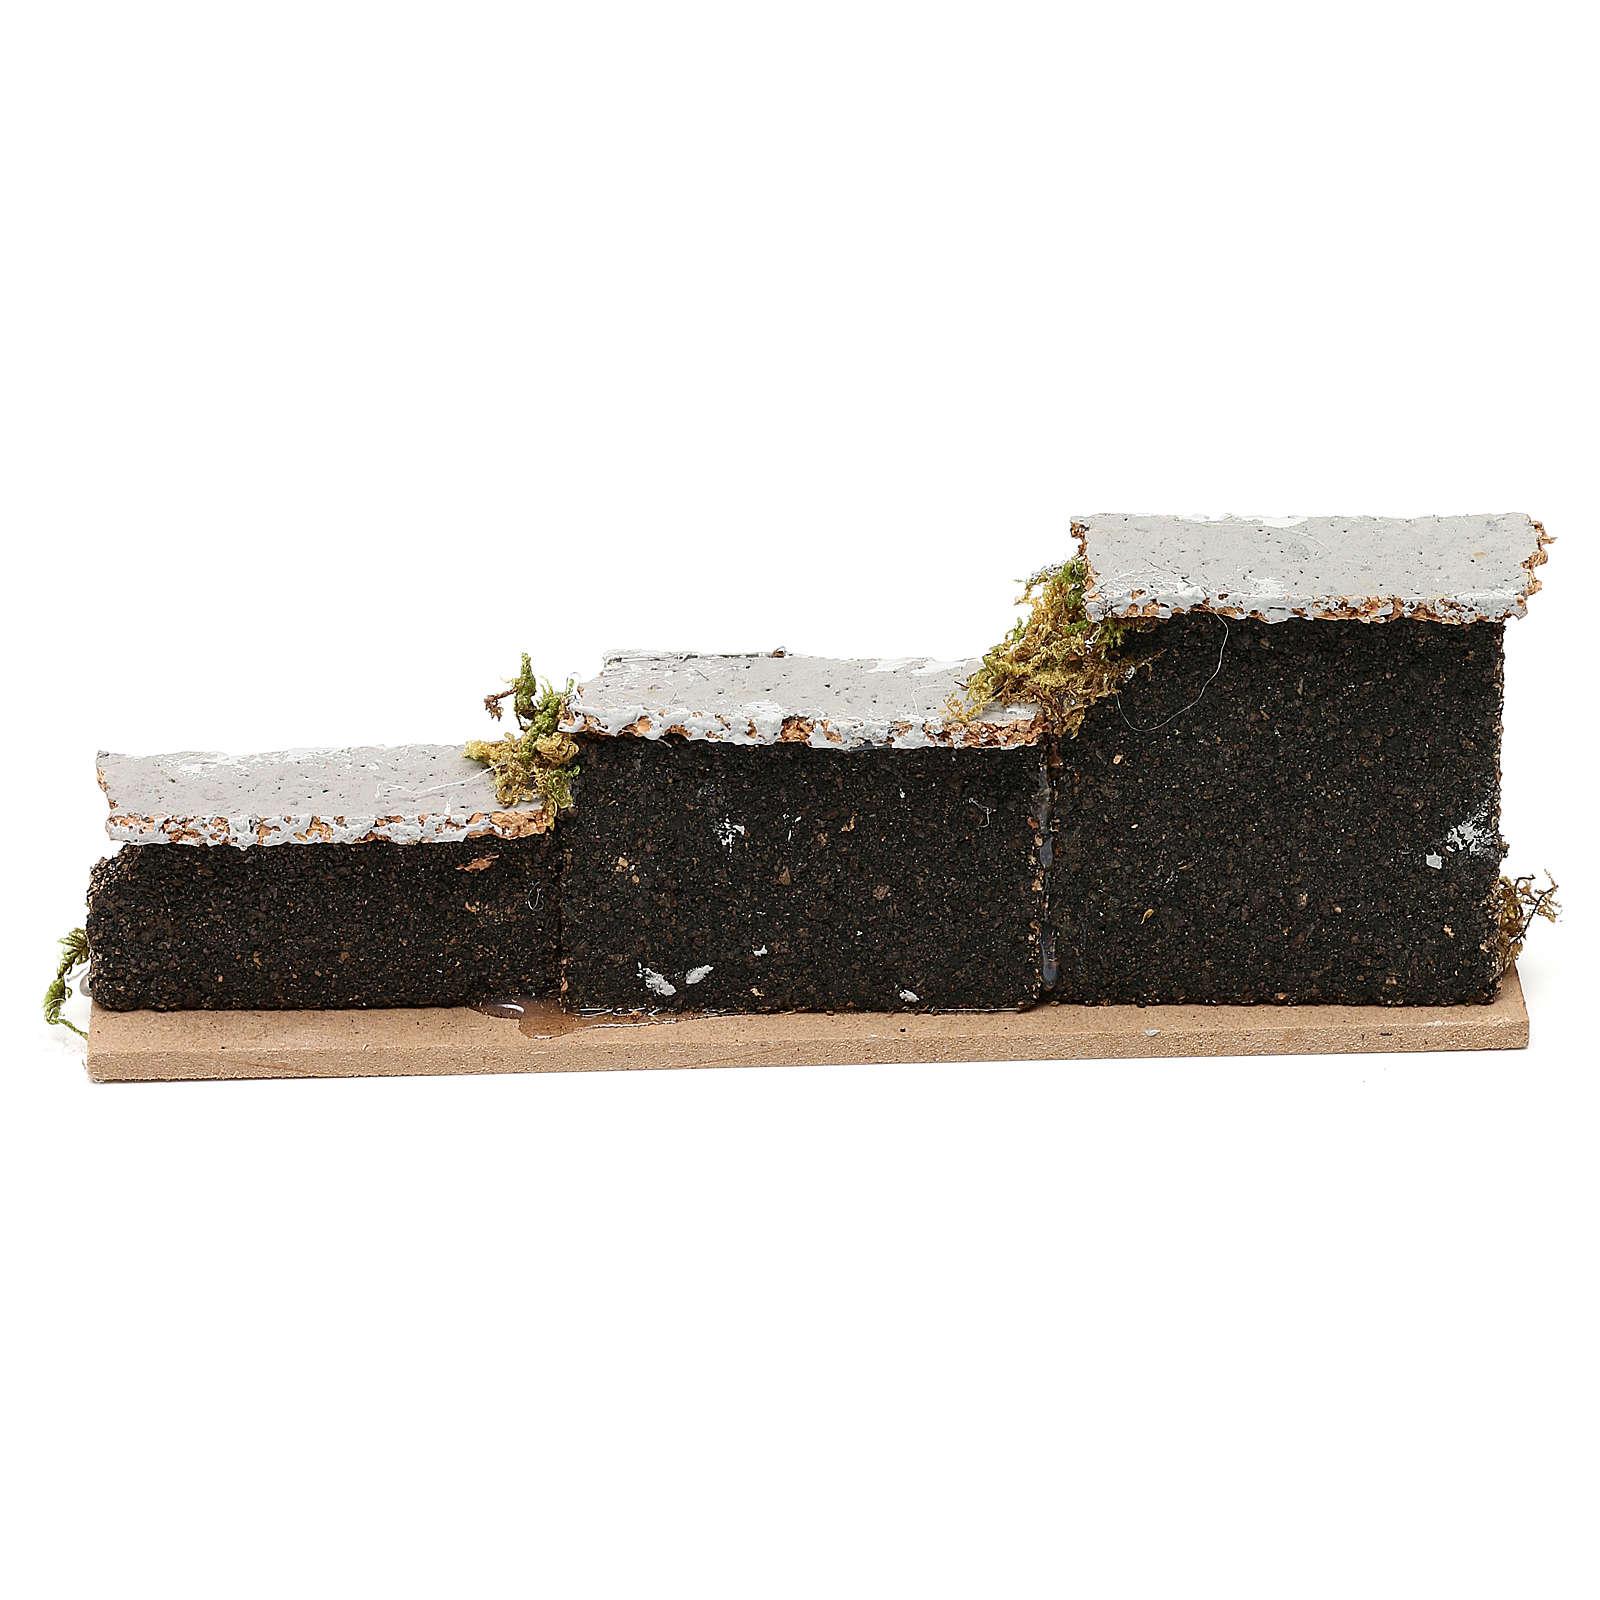 Ściana cegły szopka 15x5x3 cm (różne modele) 4